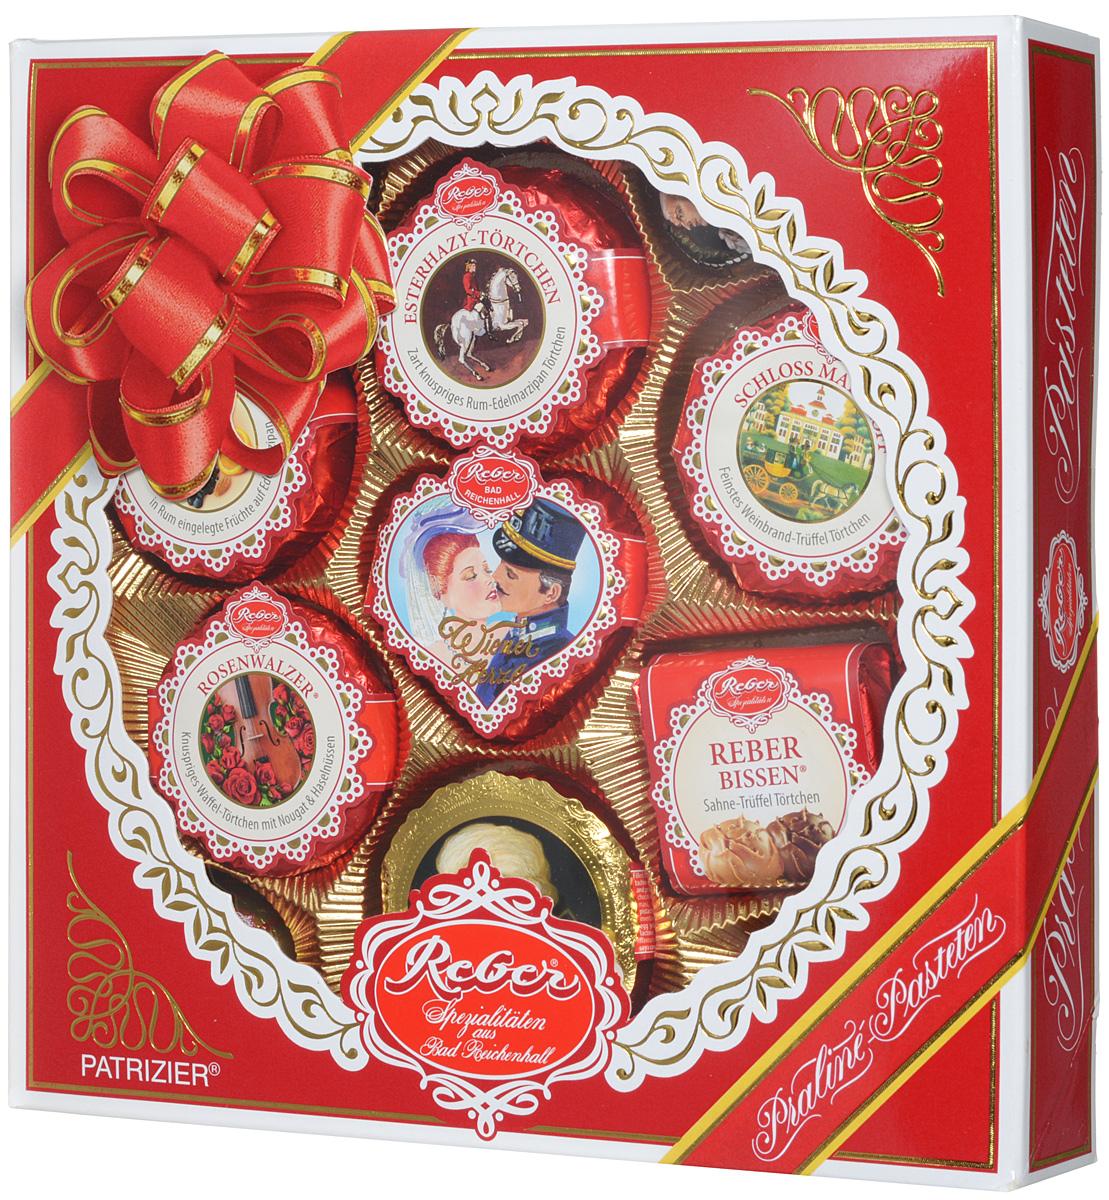 Reber Mozart Patrizier подарочный набор шоколадных конфет, 340 г1410104/1Шоколадные конфеты Reber Mozart Patrizier - это не просто конфеты, это настоящие кондитерские шедевры. Впервые конфеты Ребер Моцарт были выпущены в 1890 году, через 100 лет после смерти великого Моцарта, и сразу завоевали невероятную популярность. Известные своим исключительным качеством, оригинальностью и изысканным дизайном, шоколадные деликатесы Reber в форме небольших подарочков - это настоящие драгоценности для ценителей.